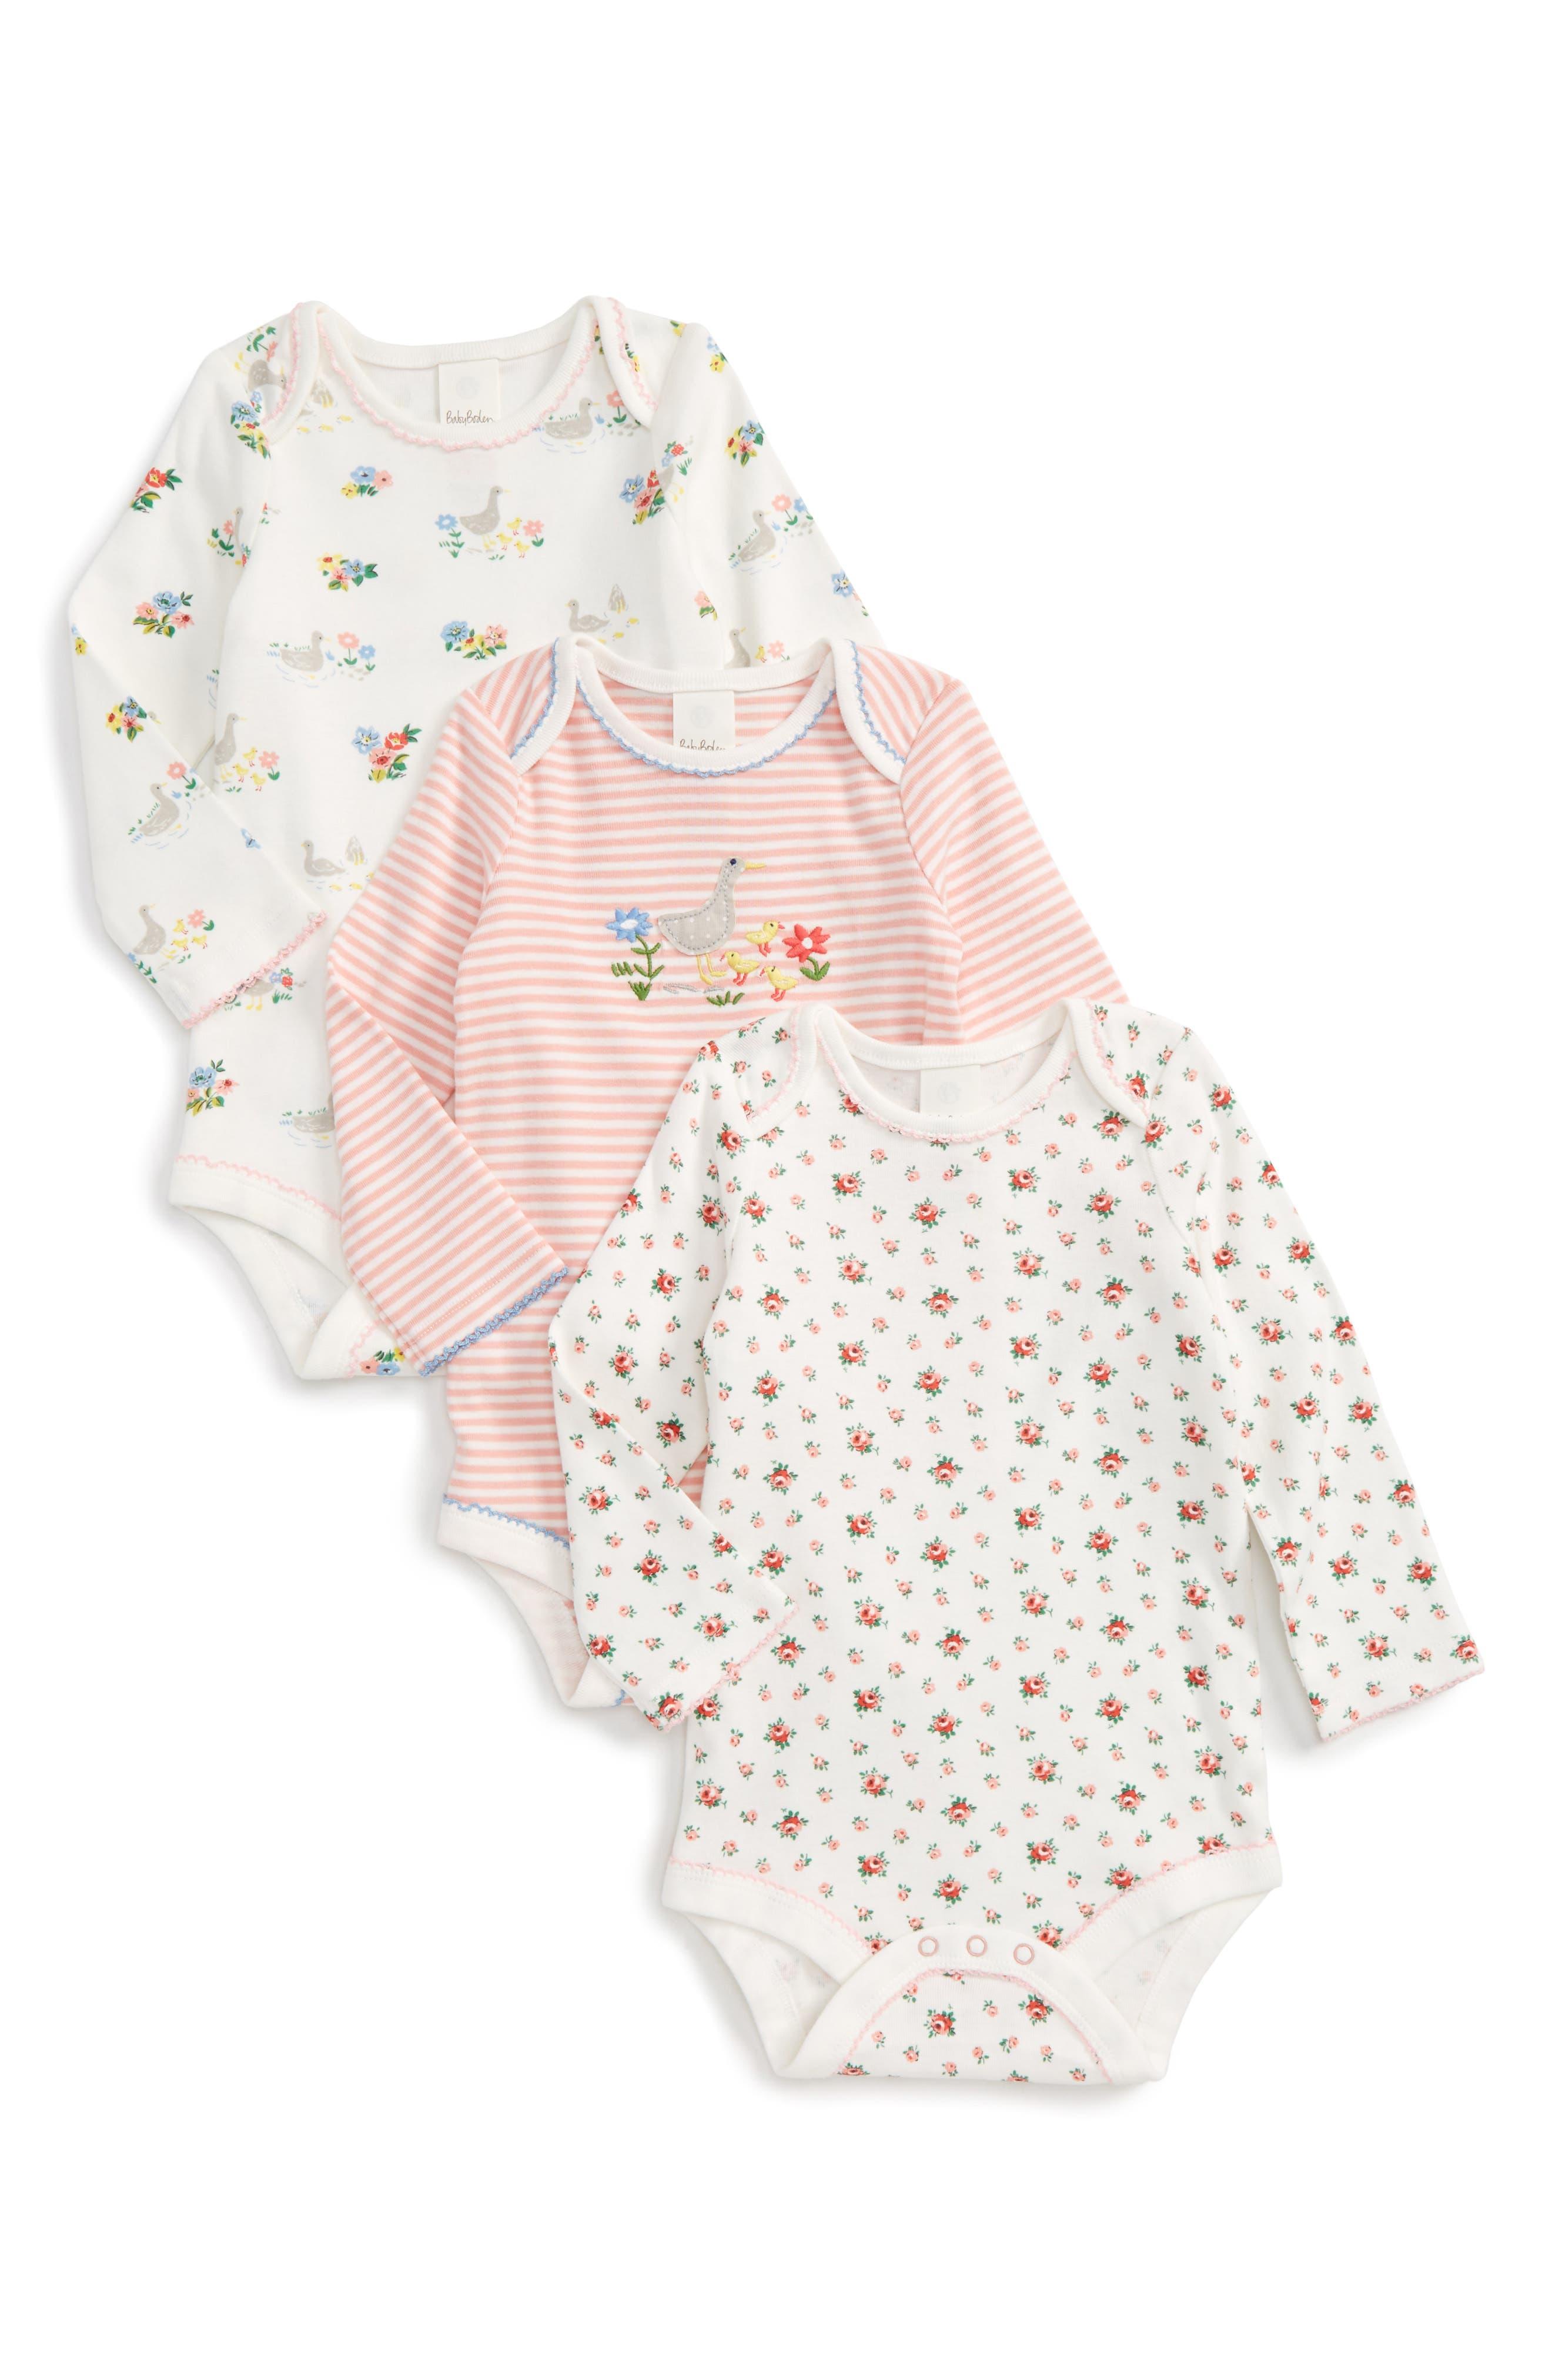 Alternate Image 1 Selected - Mini Boden Riverside Ducks 3-Pack Bodysuits (Baby Girls)